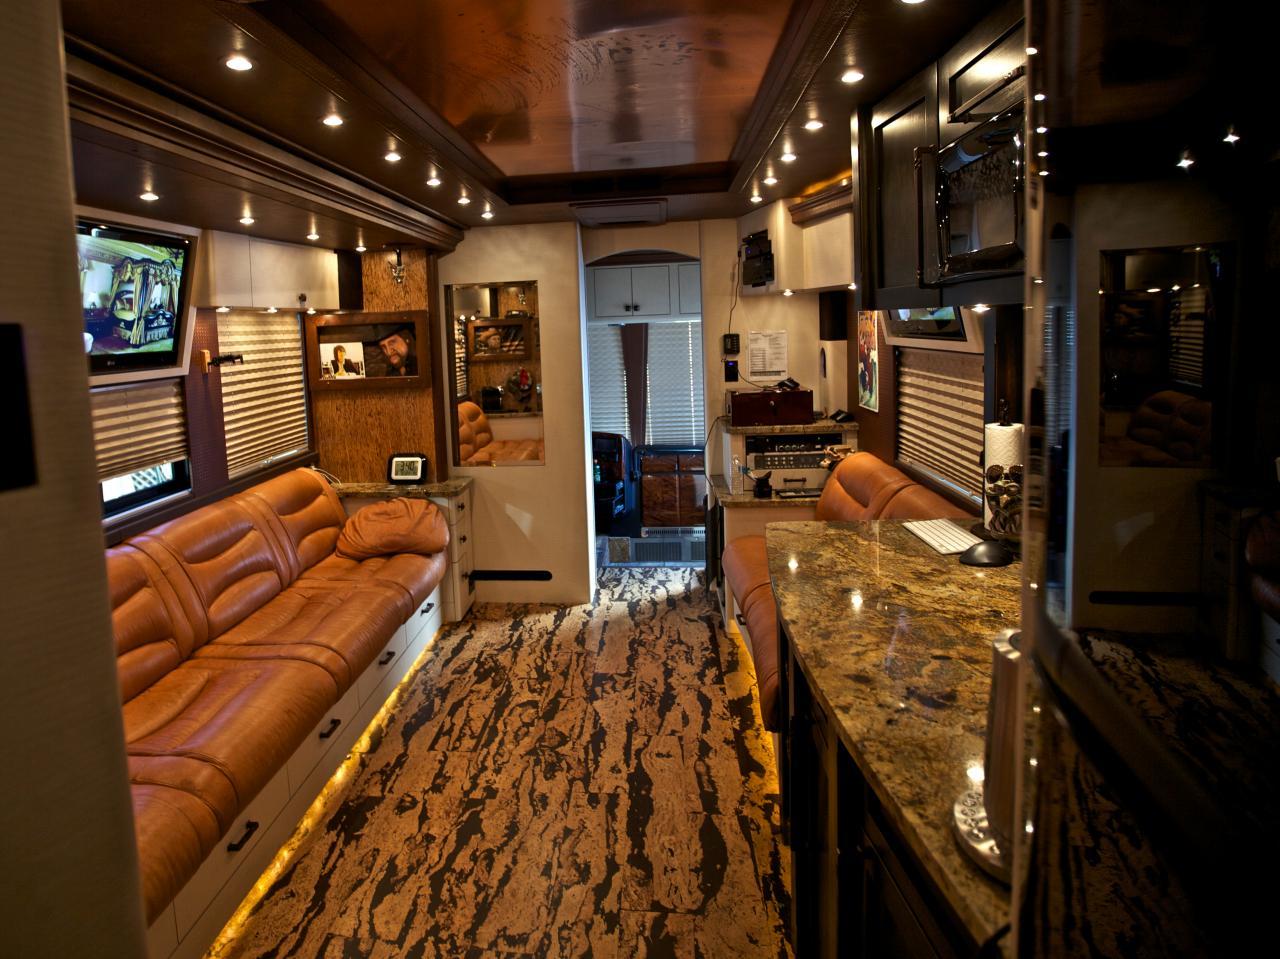 Vista parcial del bus caravana de Zac-Brown Band